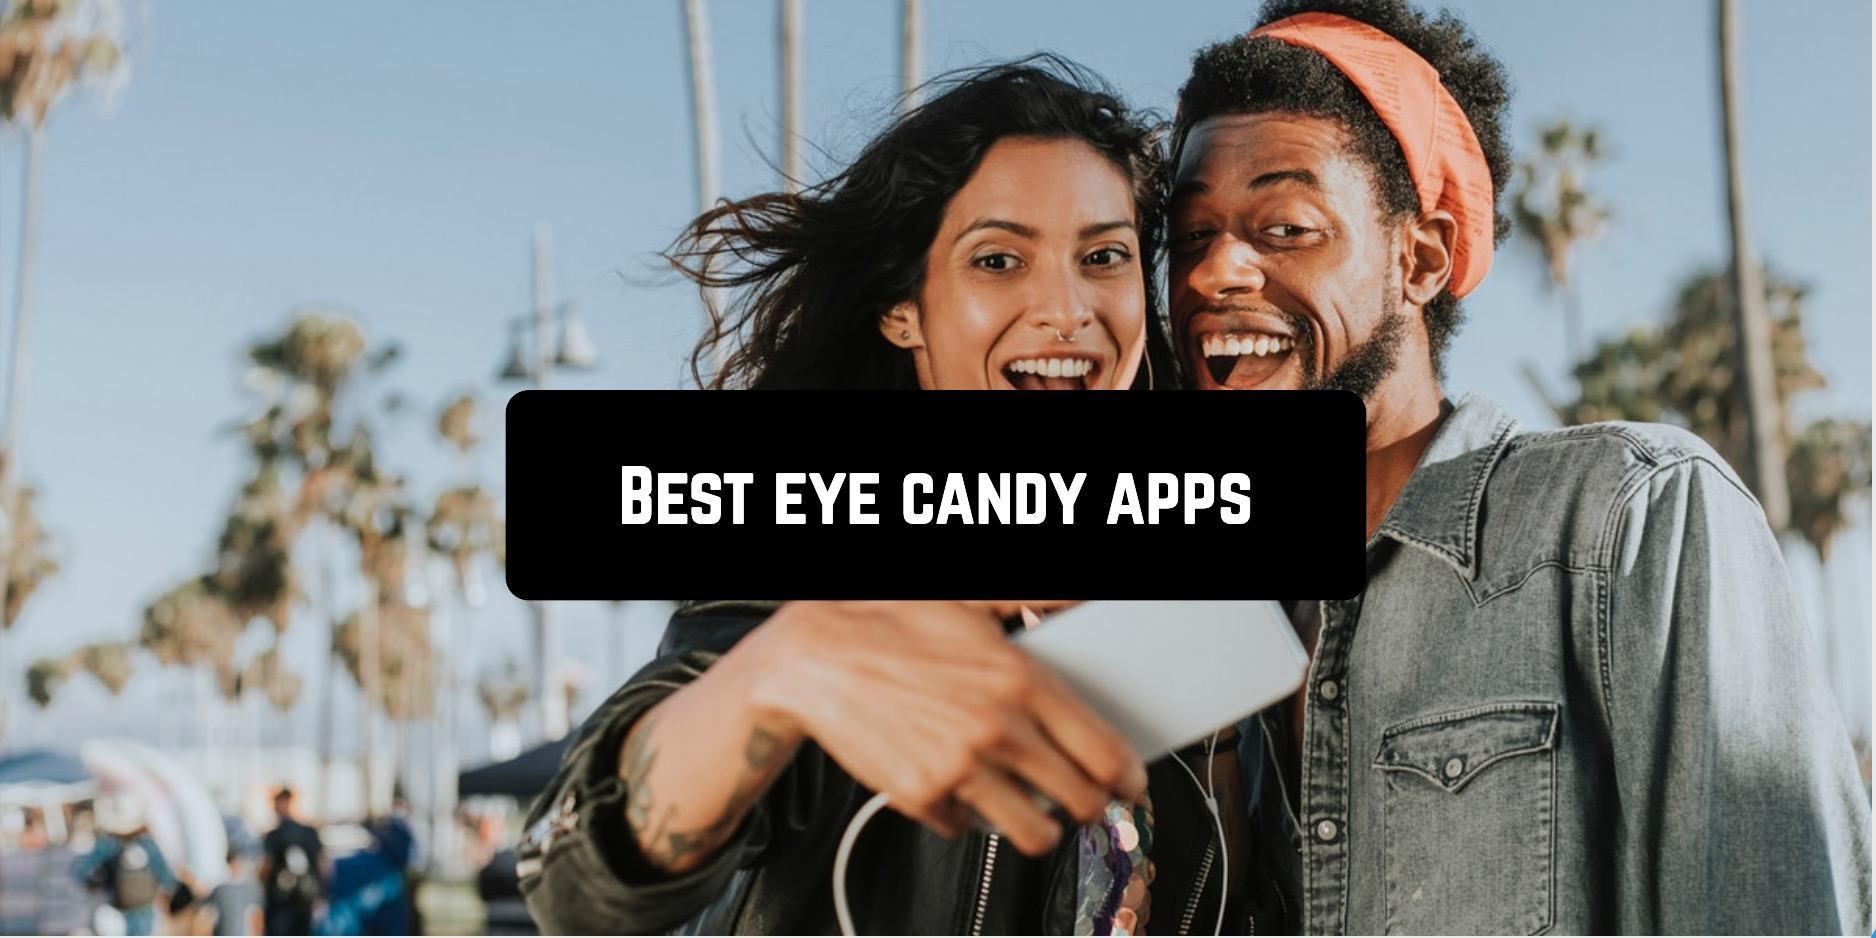 Best eye candy apps